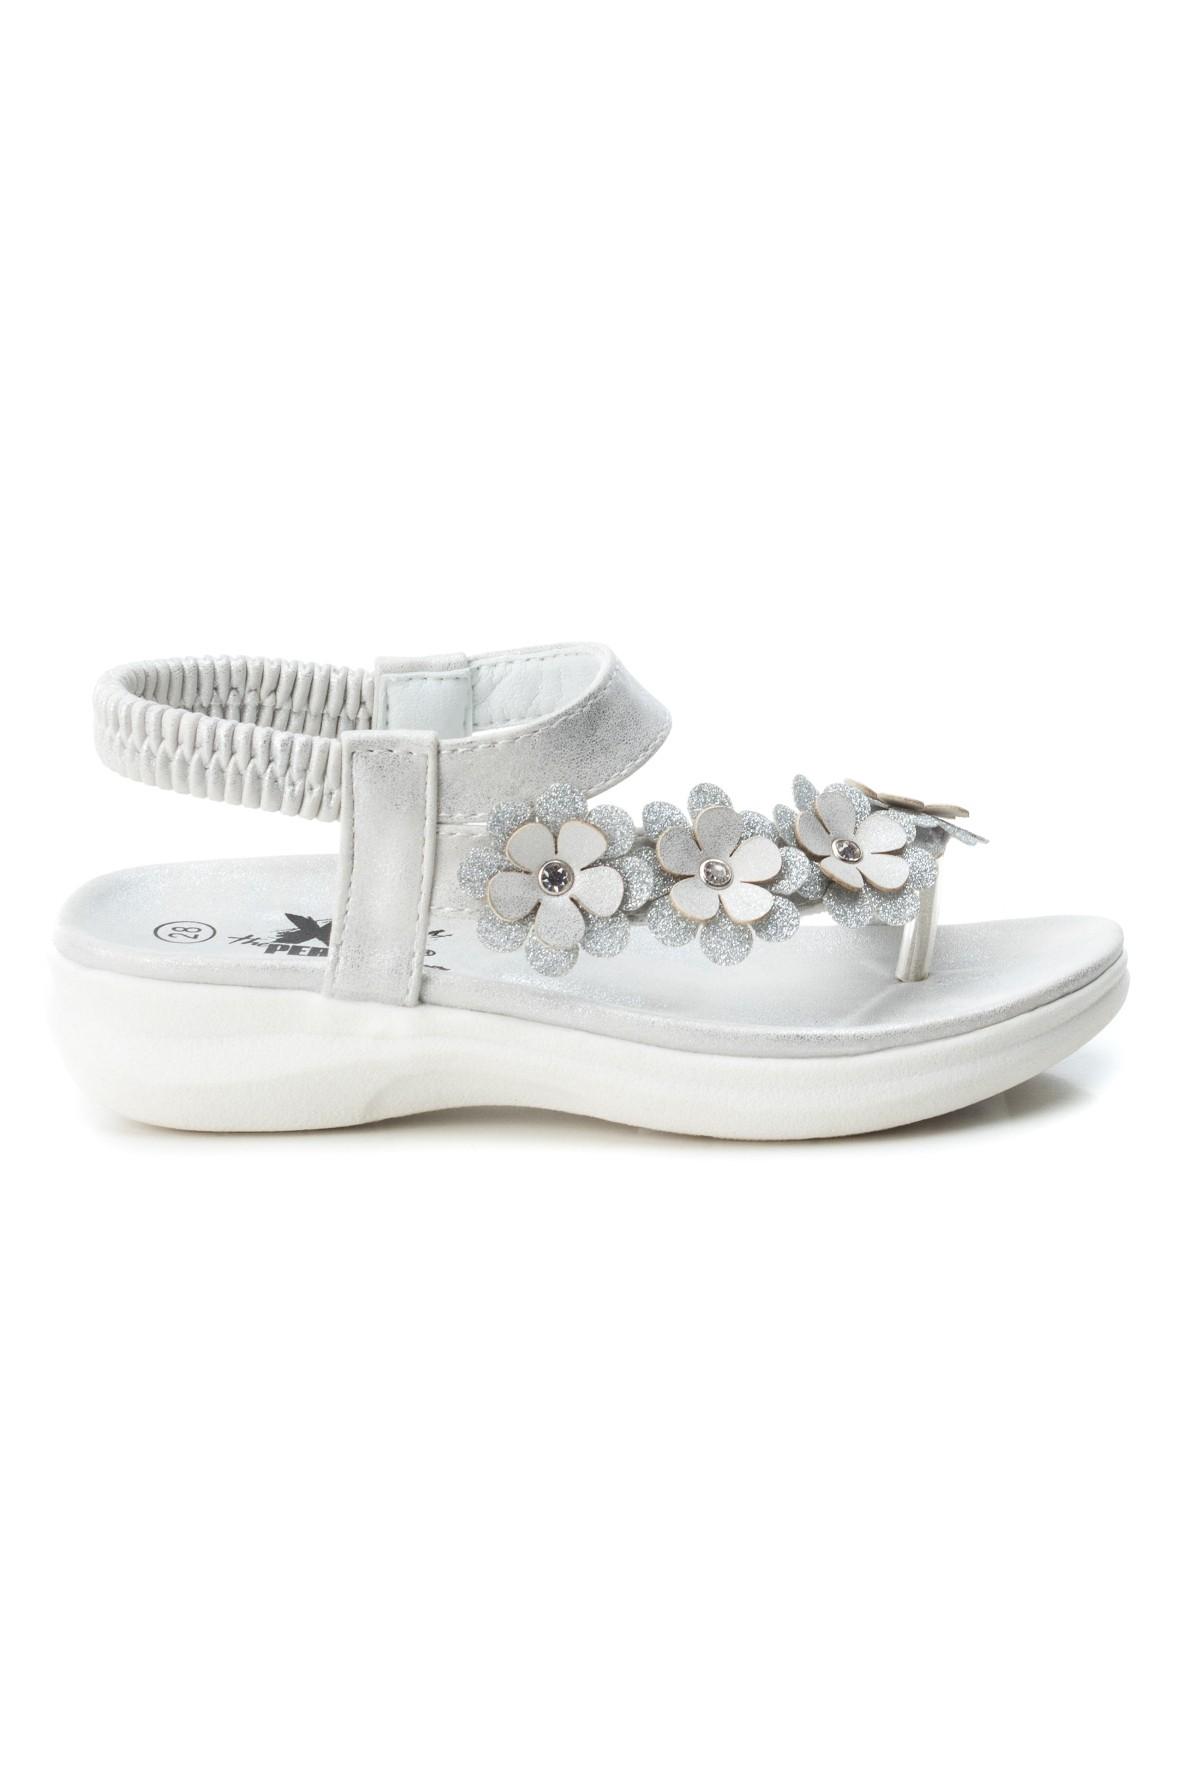 Sandały dla dziewczynki ozdobione kwiatkami